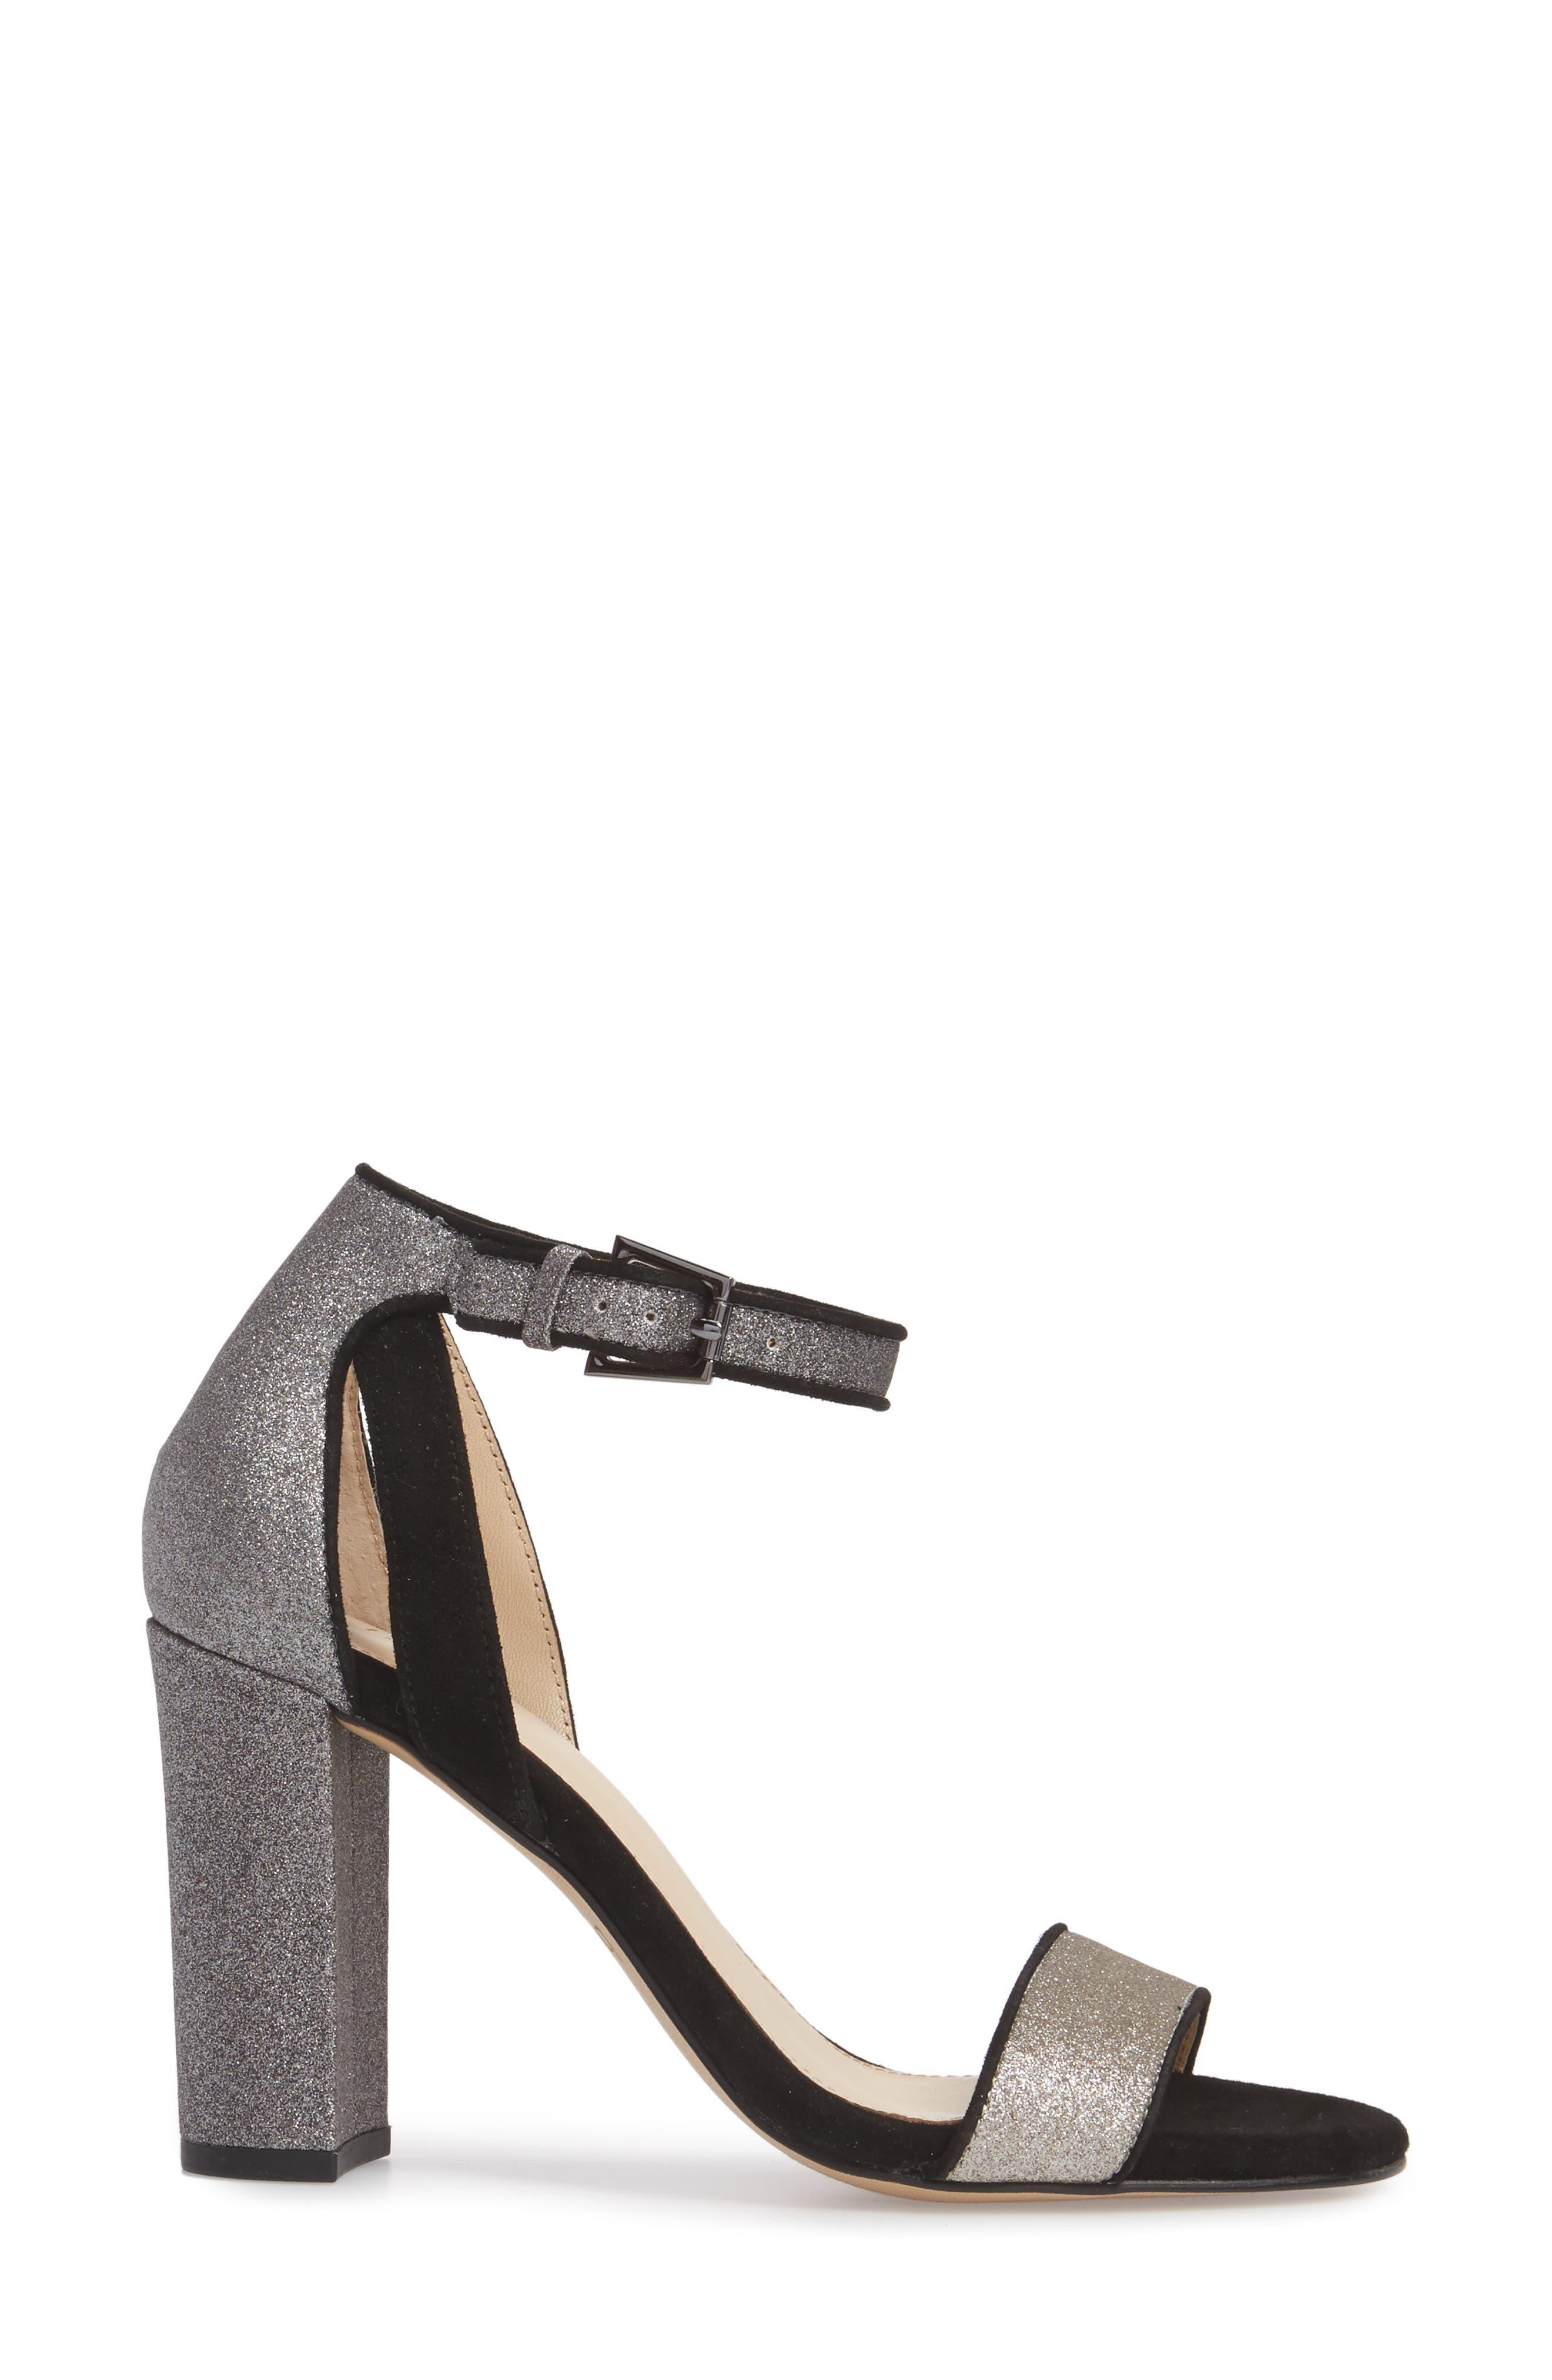 Gianna Ankle Strap Sandal,                             Alternate thumbnail 3, color,                             Gunmetal Glitter